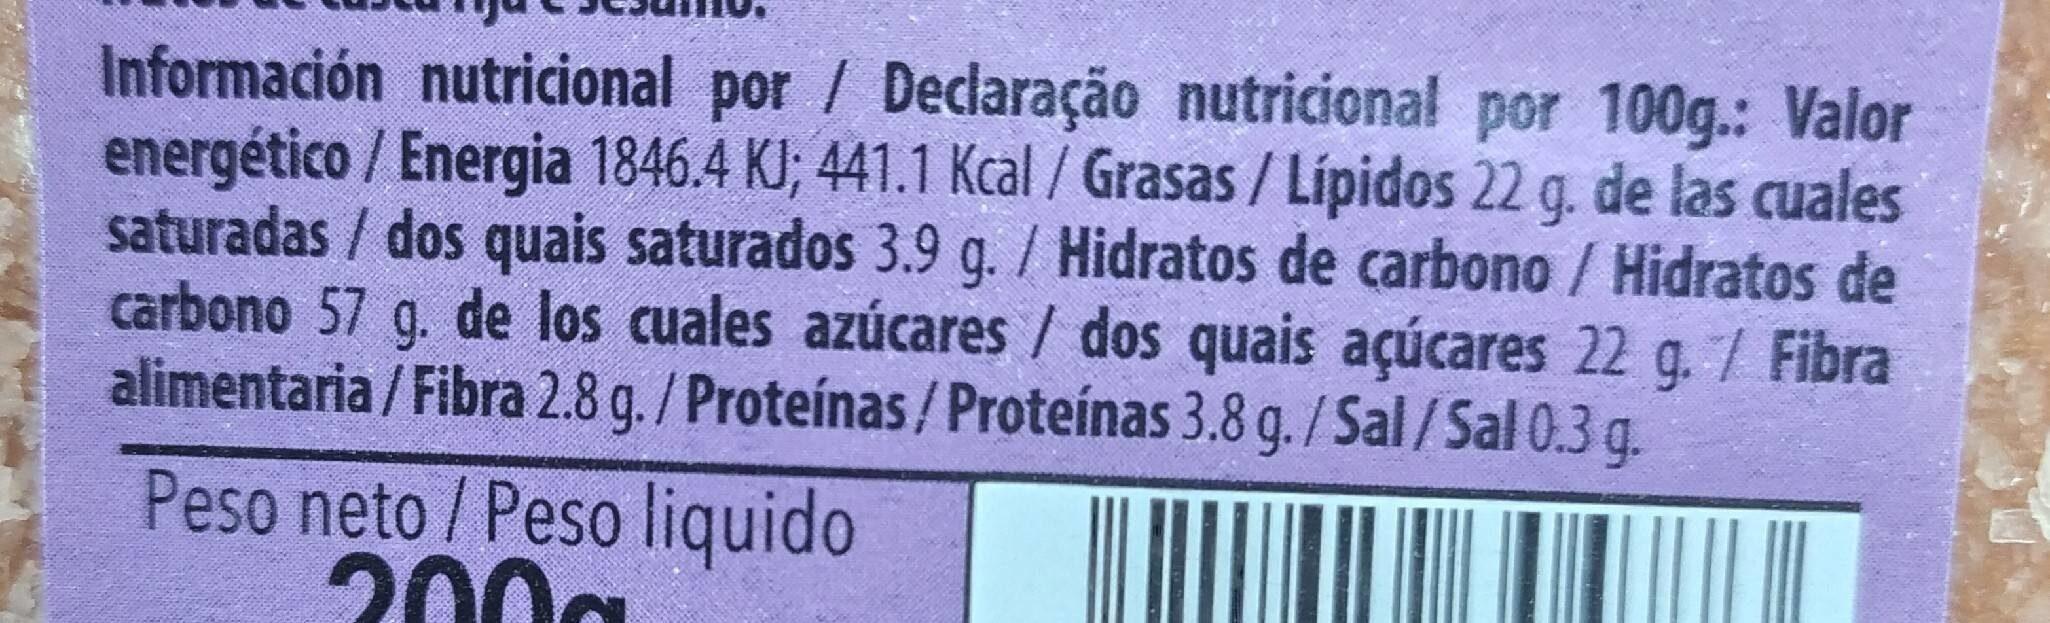 Bizcochito de las monjas MÉNDEZ - Información nutricional